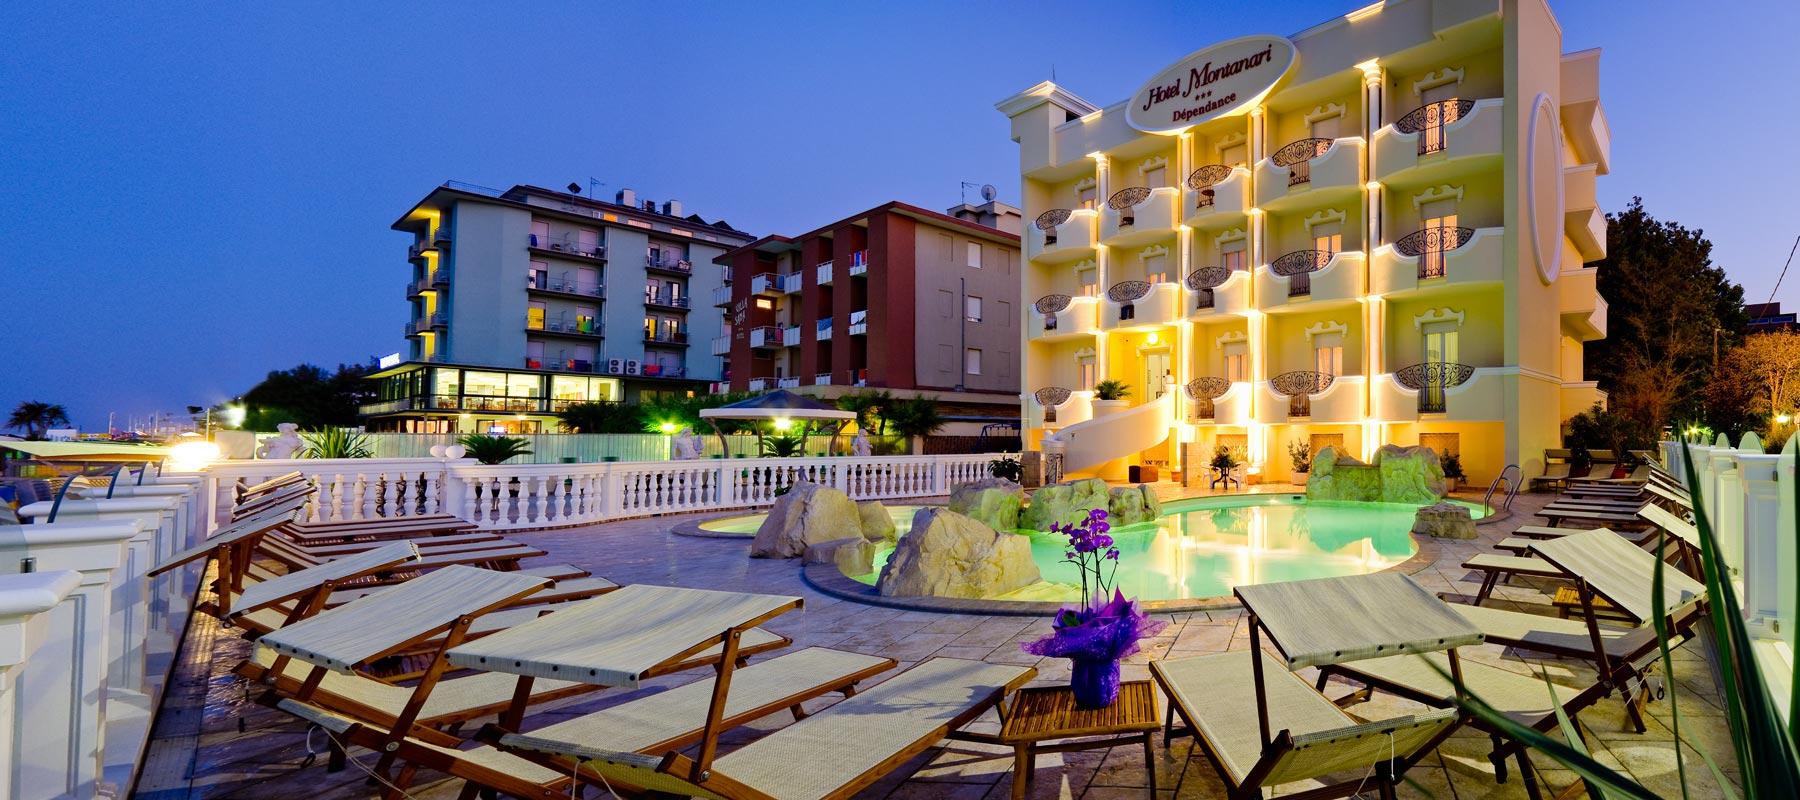 Hotel montanari 3 stelle bellaria con piscina ideale per famiglie direttamente sulla spiaggia - Hotel con piscina bellaria ...